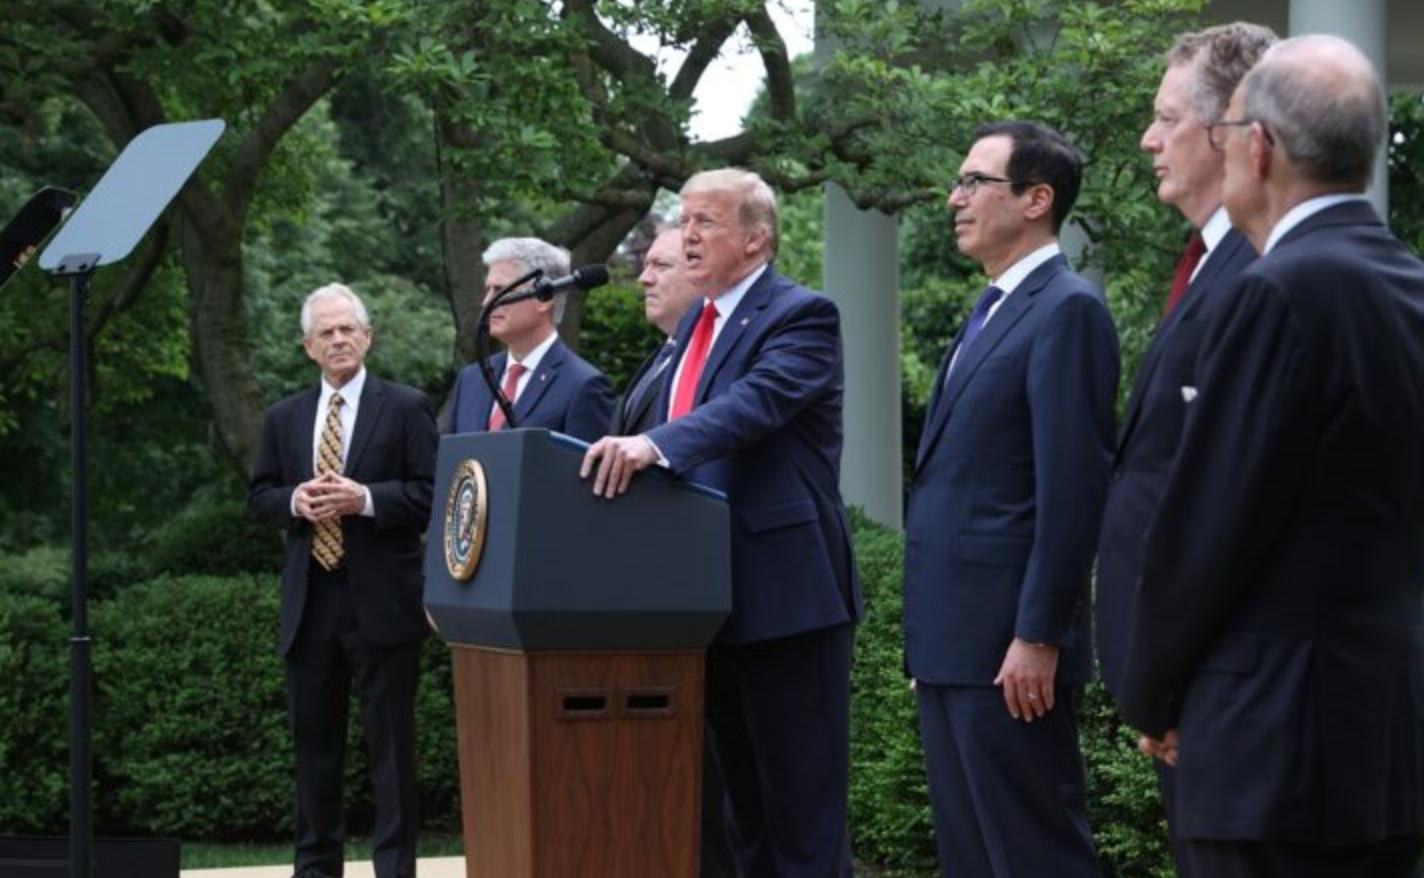 美國總統特朗普5月29日在白宮玫瑰園針對中共作出多管齊下的重大政策宣示。( Win McNamee/Getty Images)